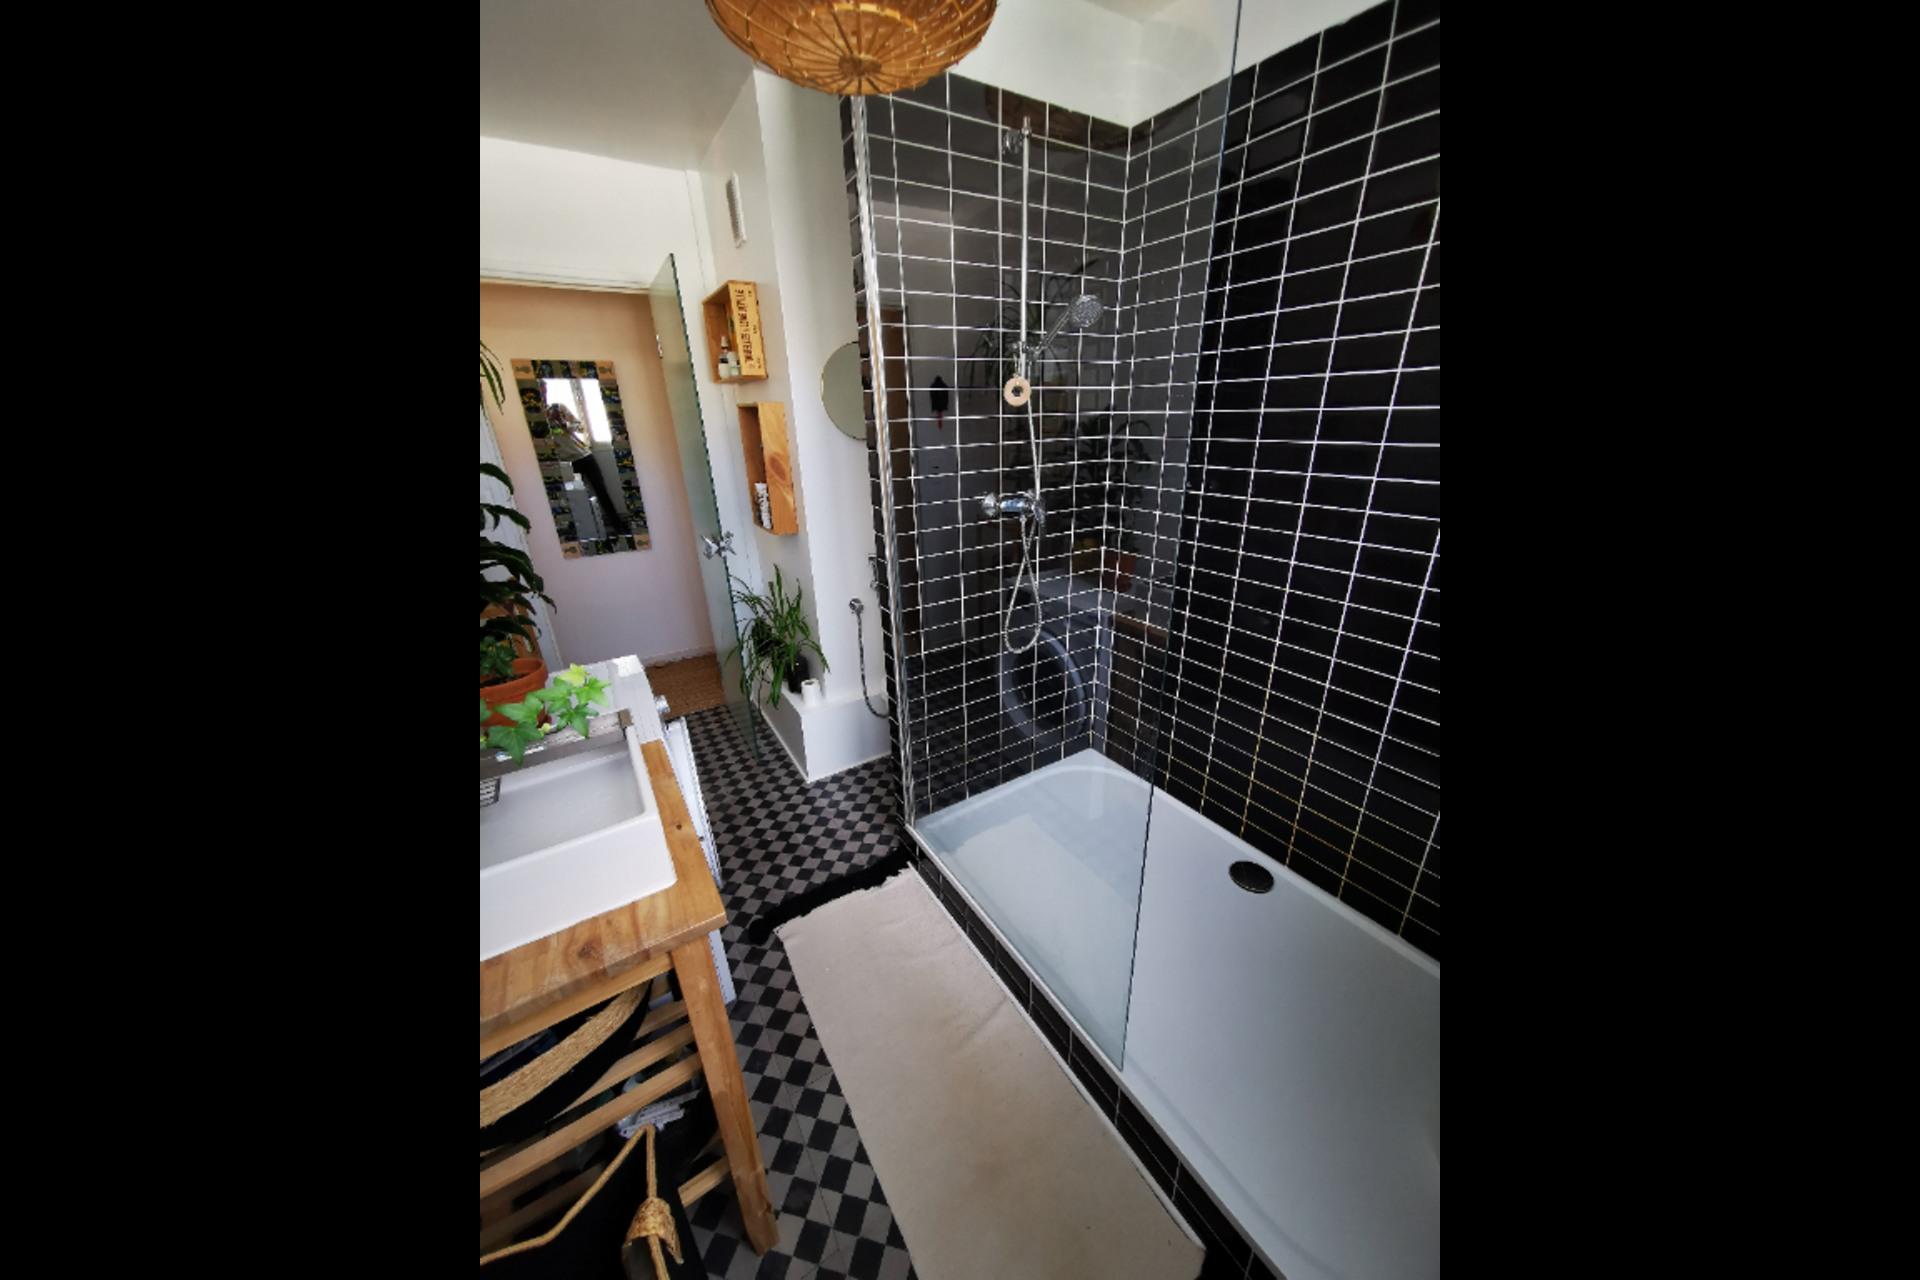 image 5 - Apartment For sale saint-germain-en-laye - 4 rooms